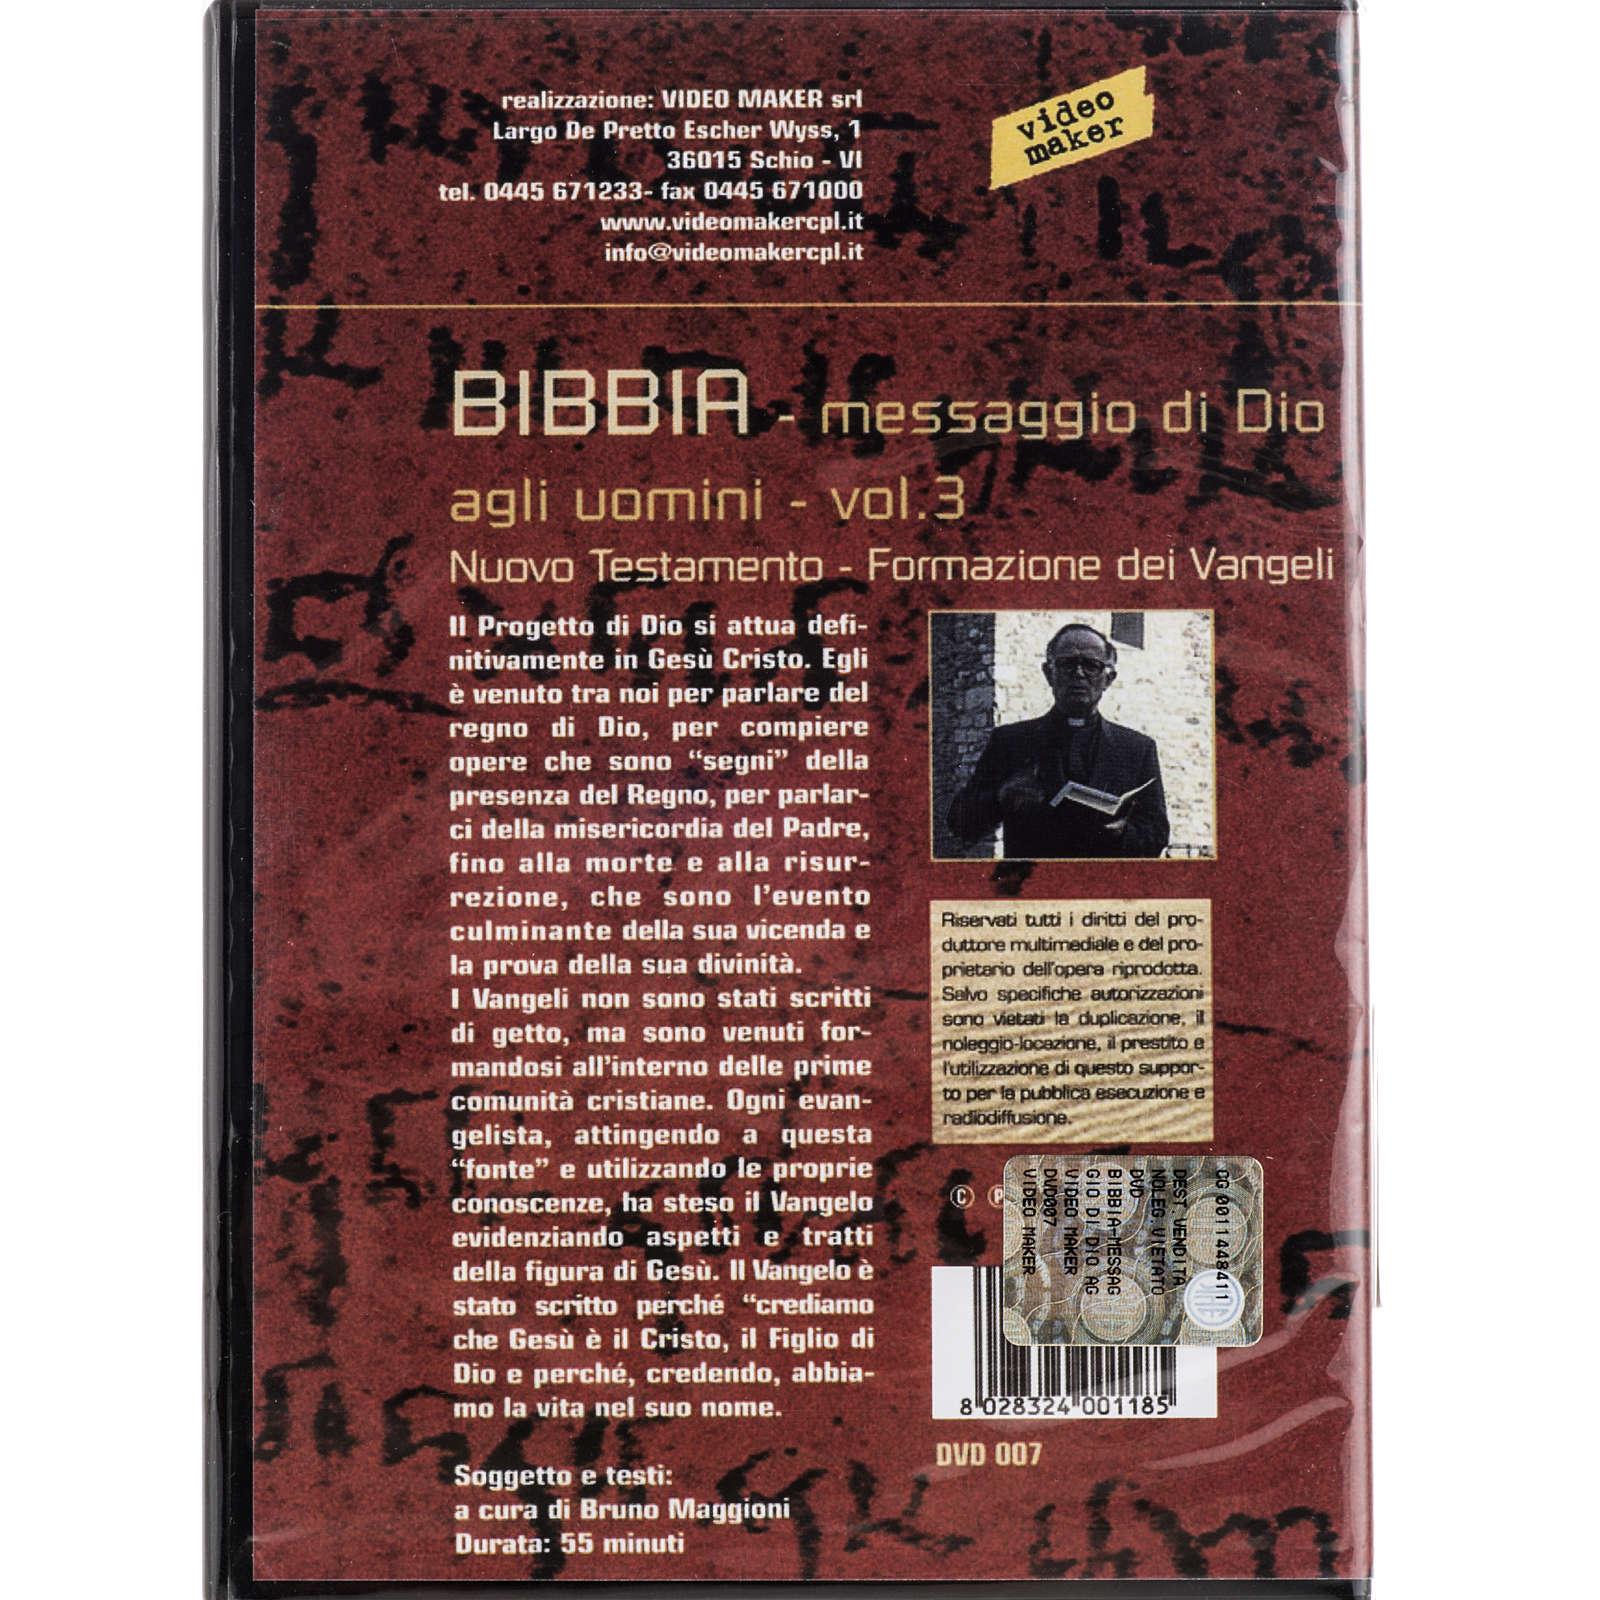 Bibbia messaggio di Dio agli uomini - volume III 3